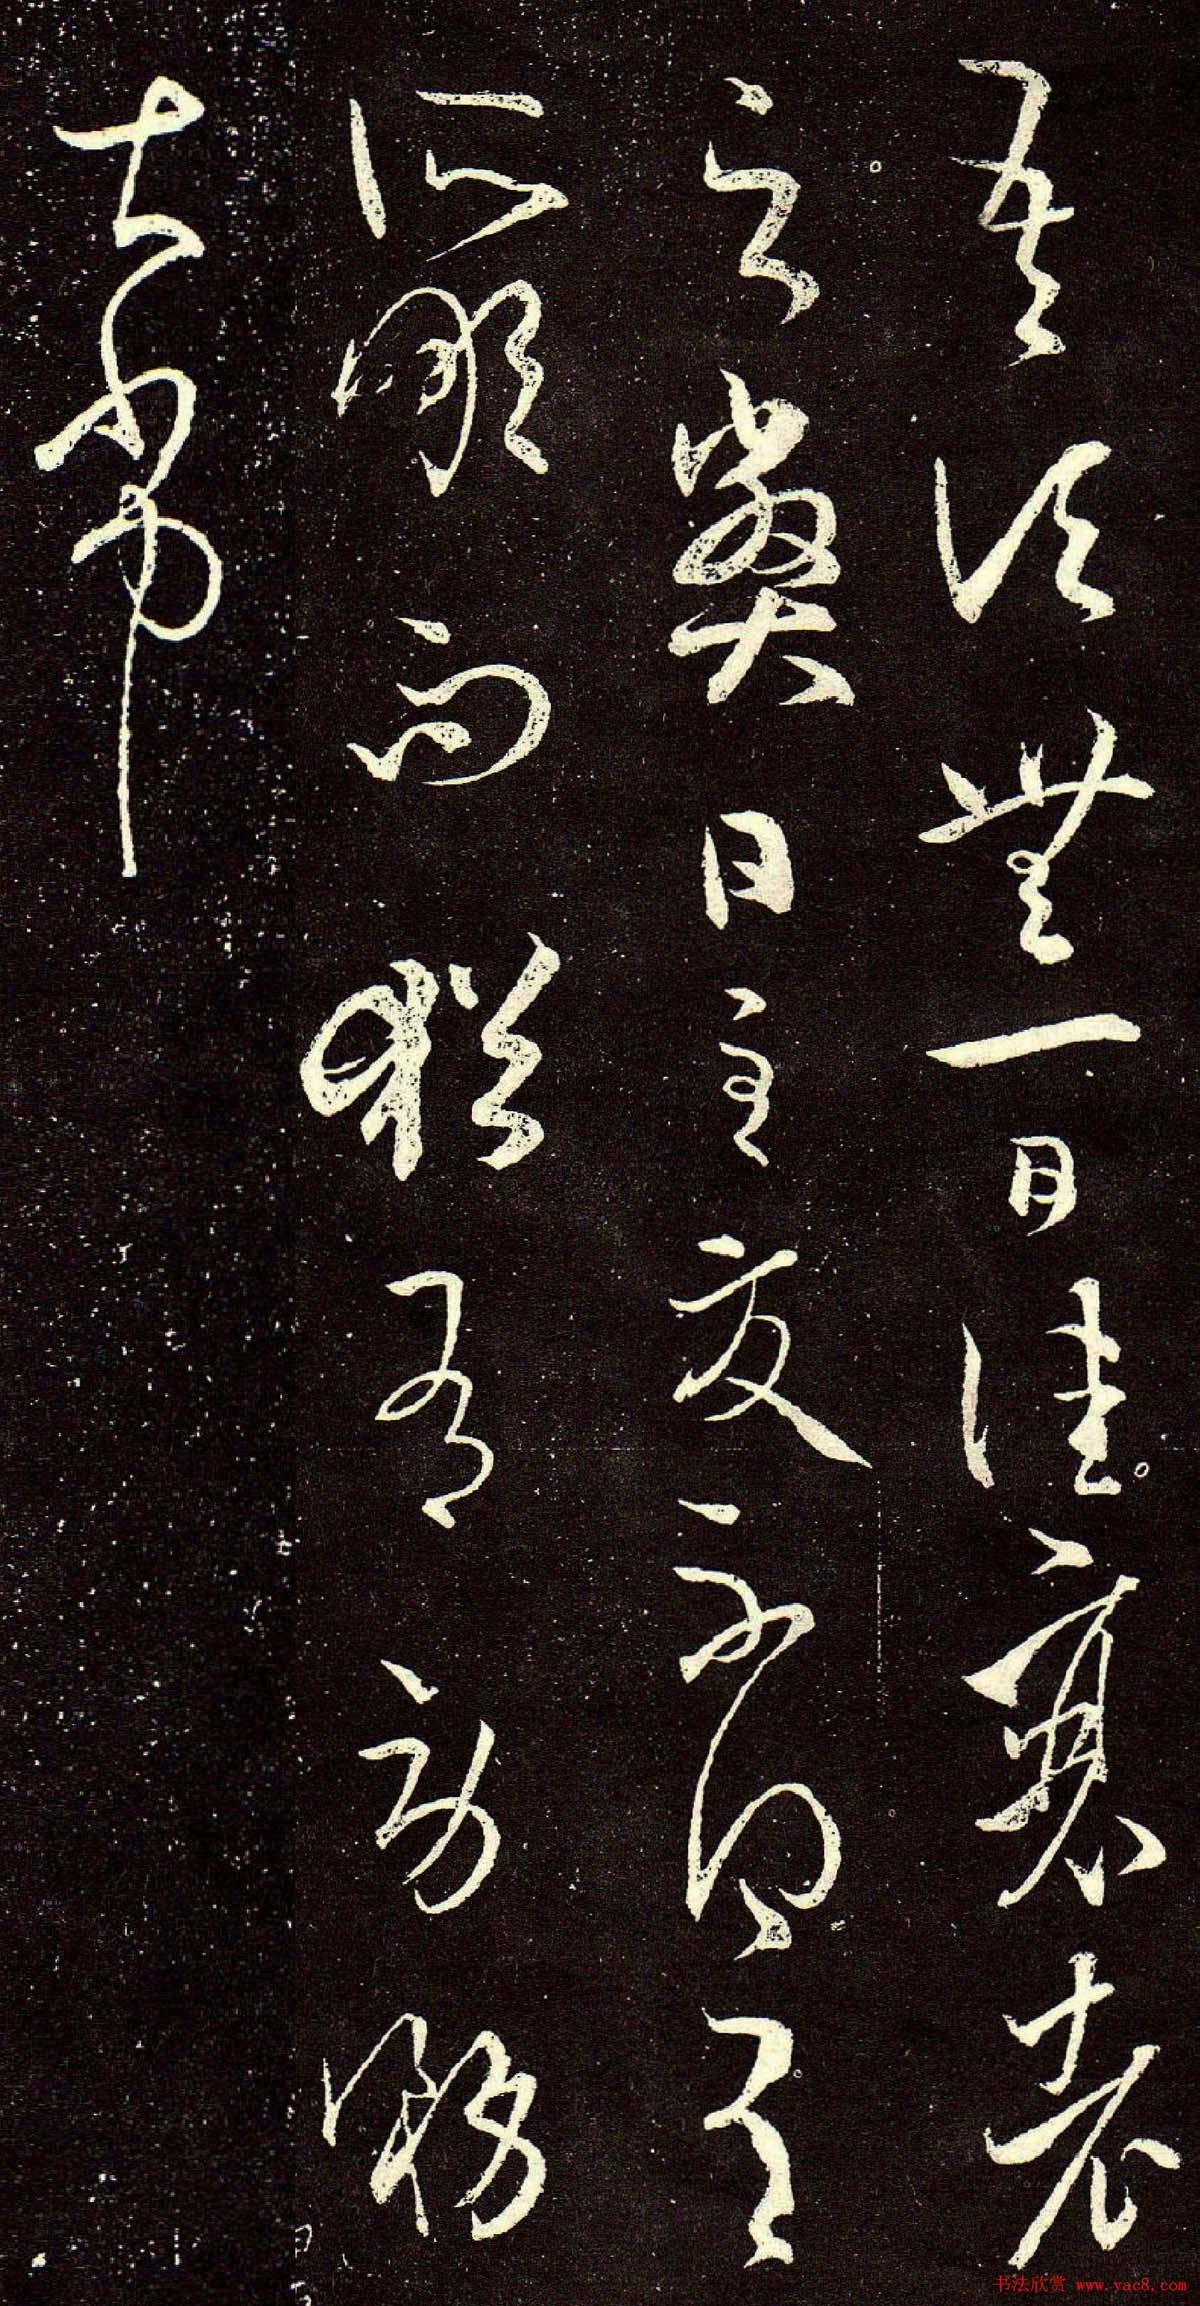 云官迅音电子琴谱子-王羲之草书欣赏《衰老帖》,2种书法拓本,四行,二十六字.此帖亦